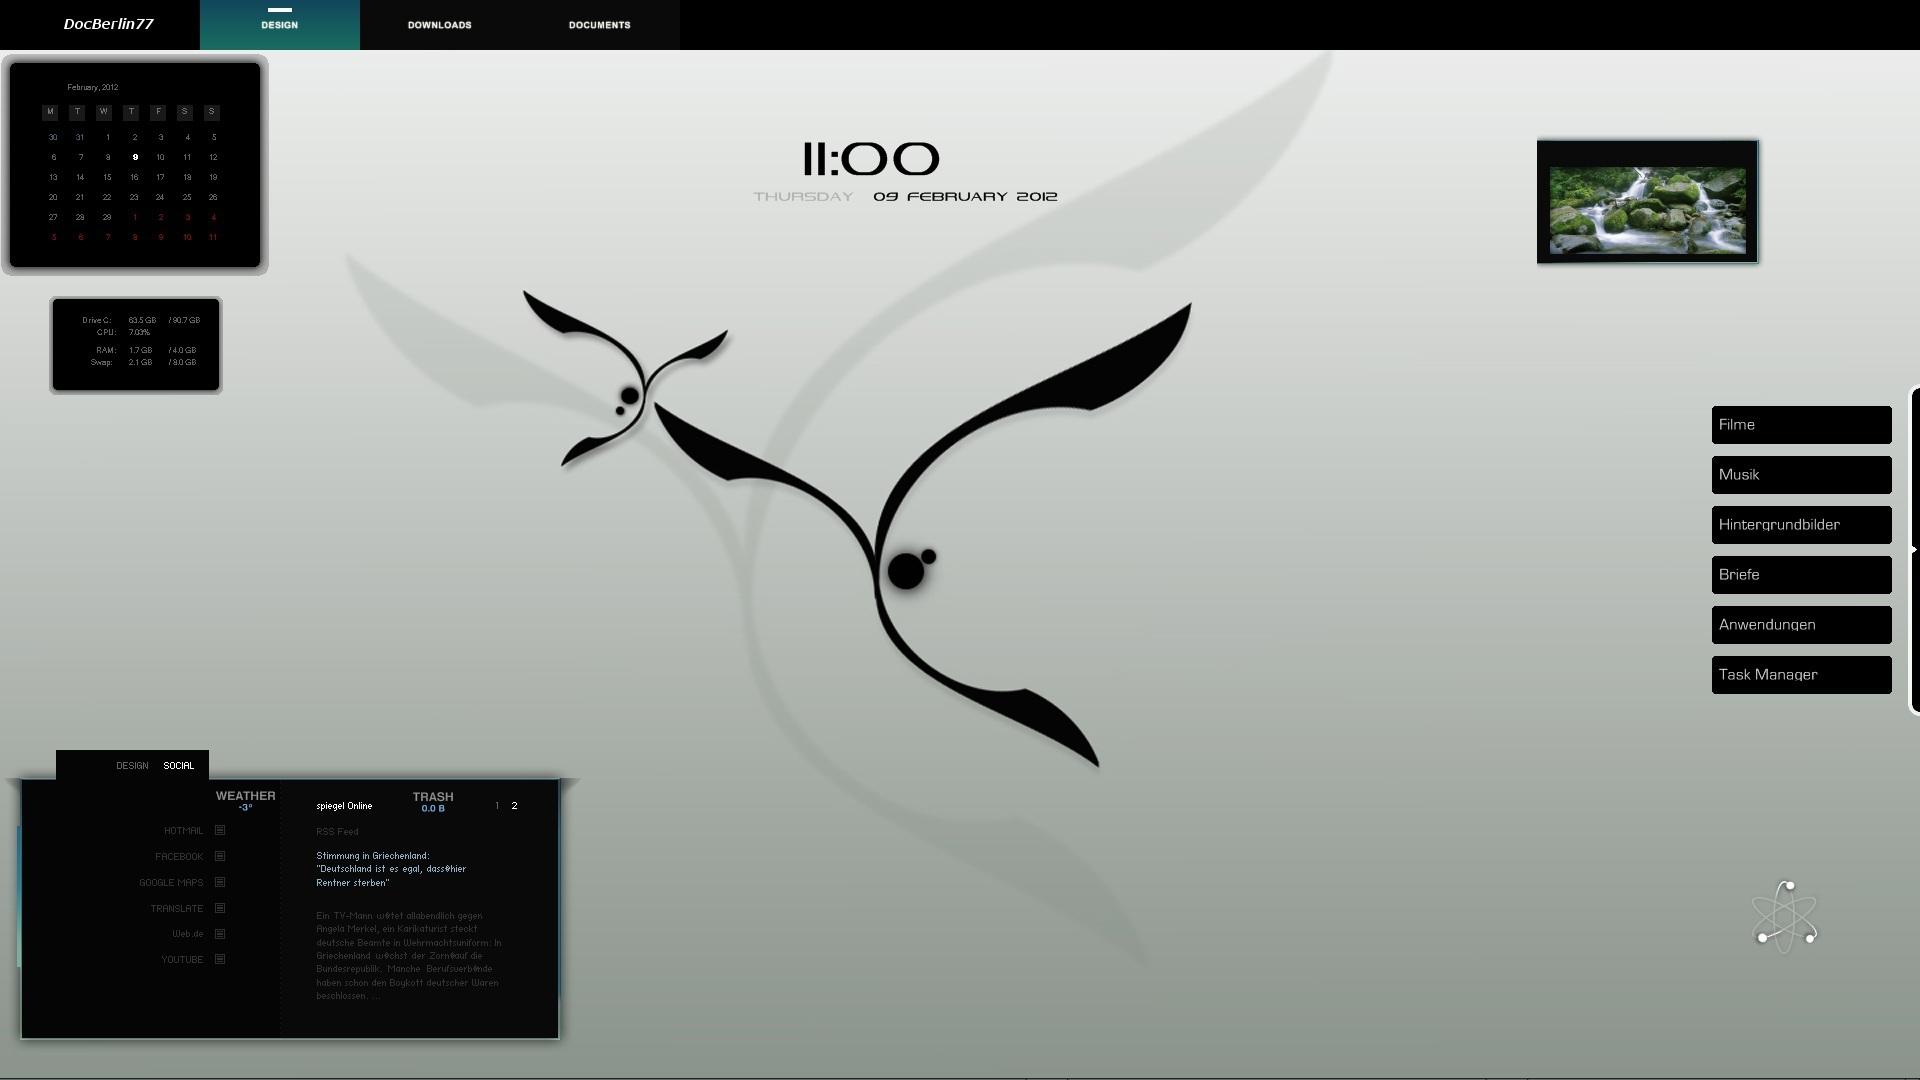 The Desktop  08.02.2012 by DocBerlin77